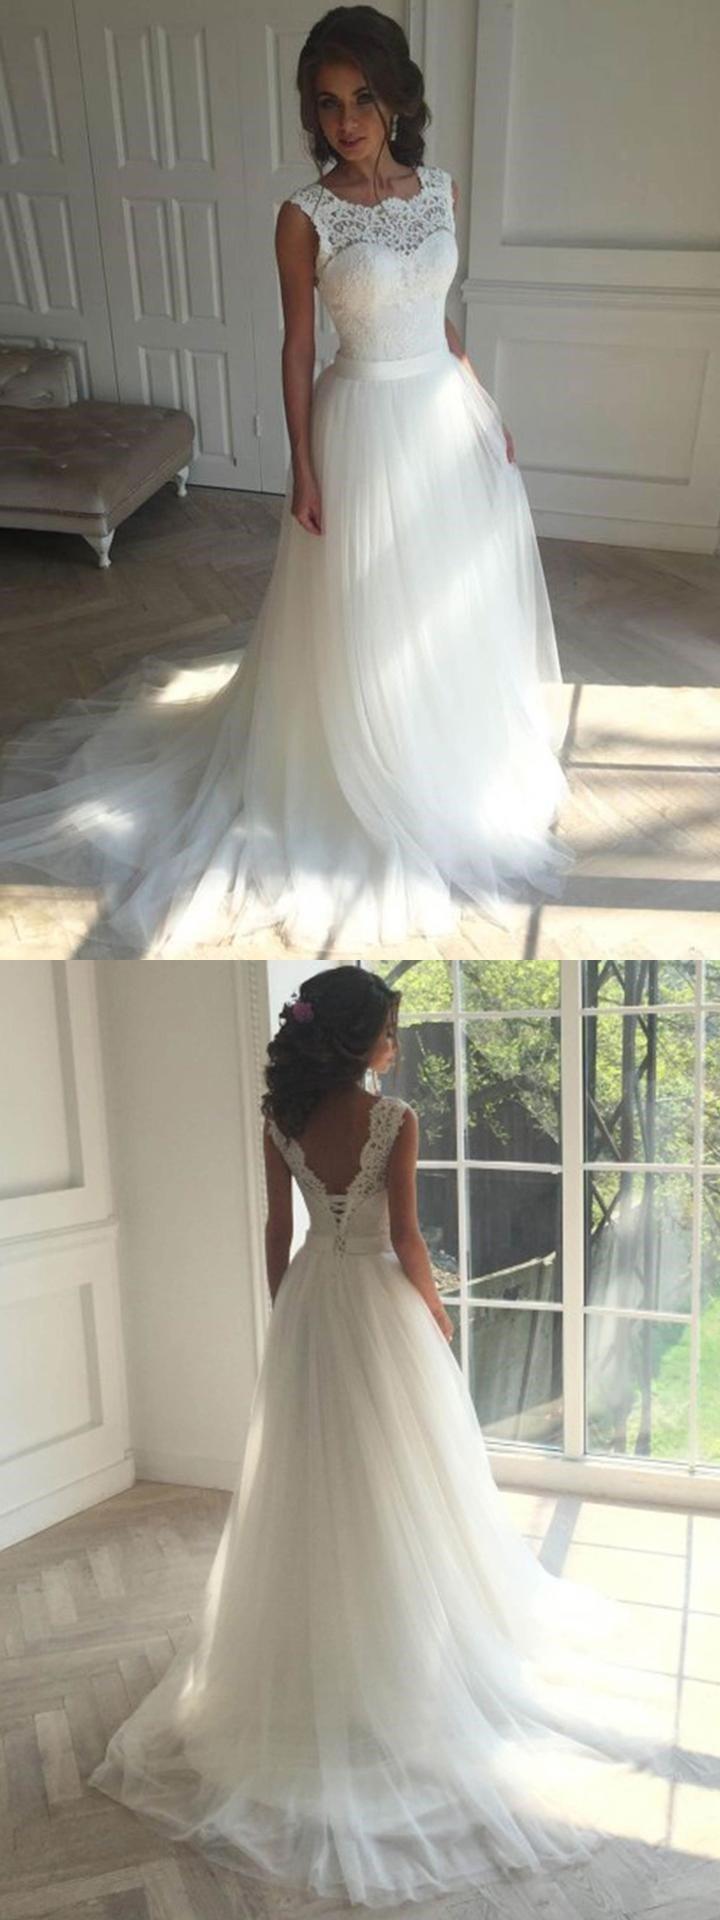 Cheap unique wedding dresses  Unique Scoop Lace Aline Long Cheap Wedding Dresses Online WD